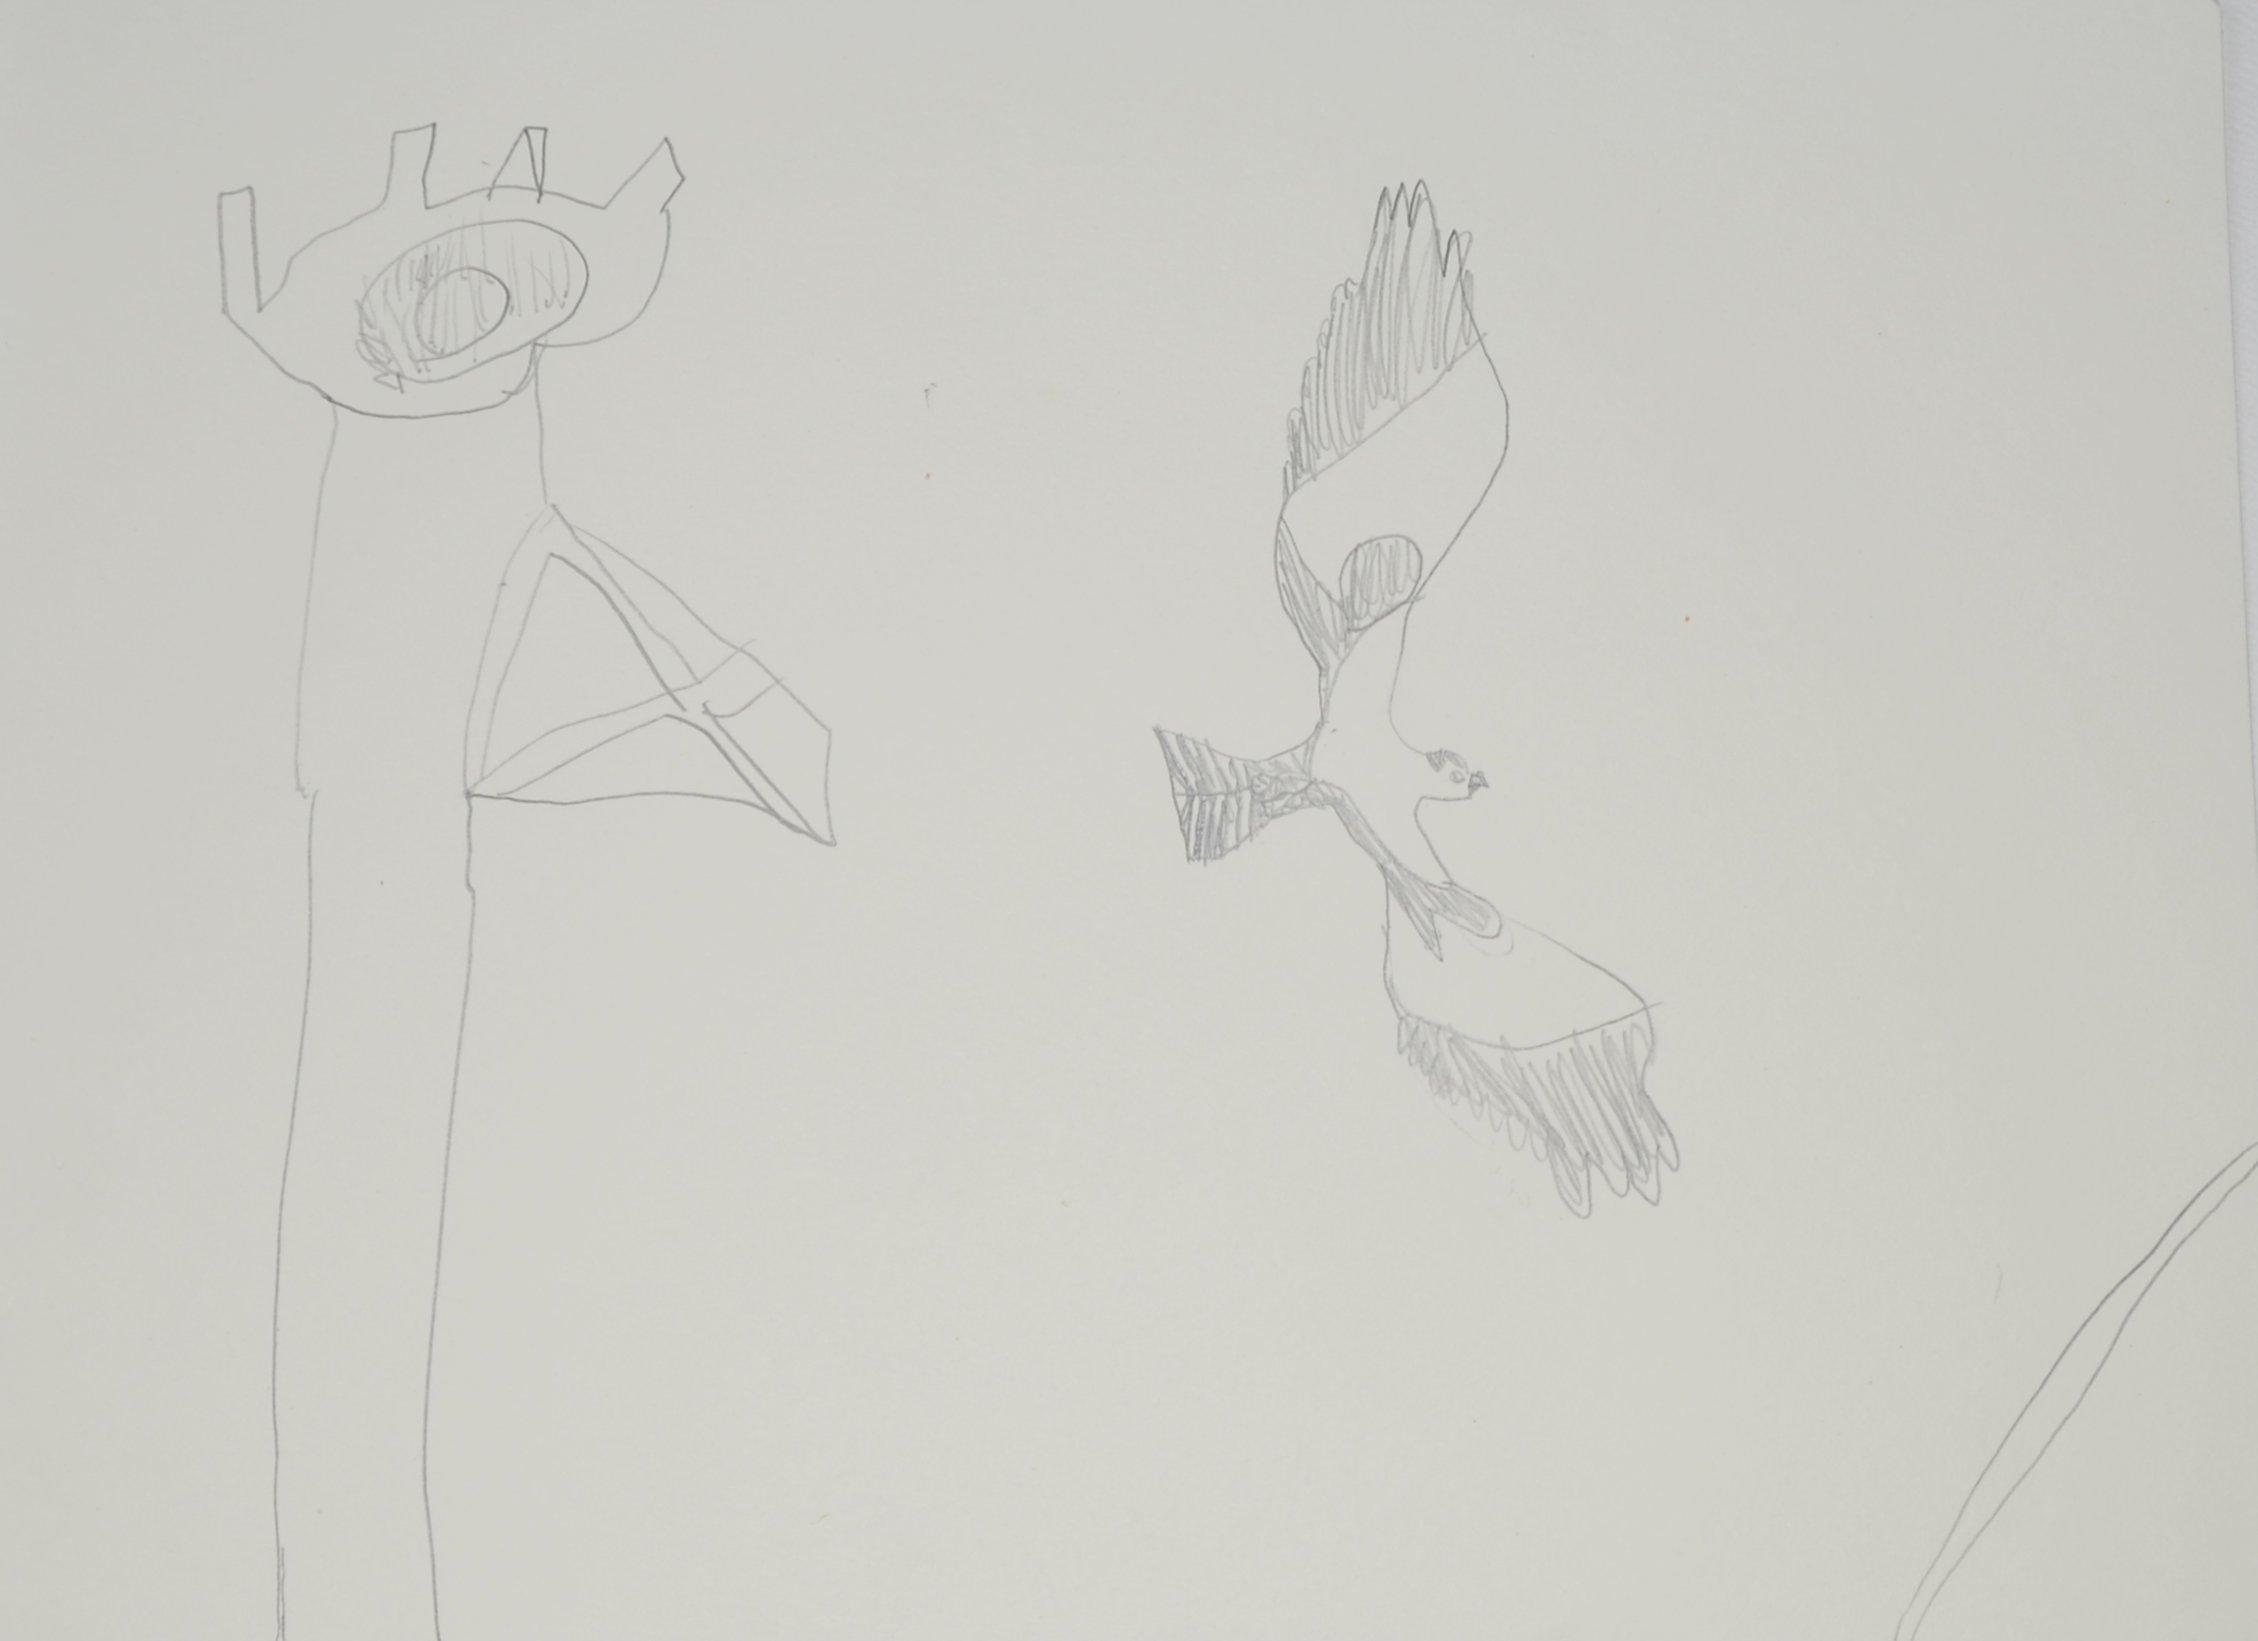 Erica Yennior, Soaring Osprey, Age 7